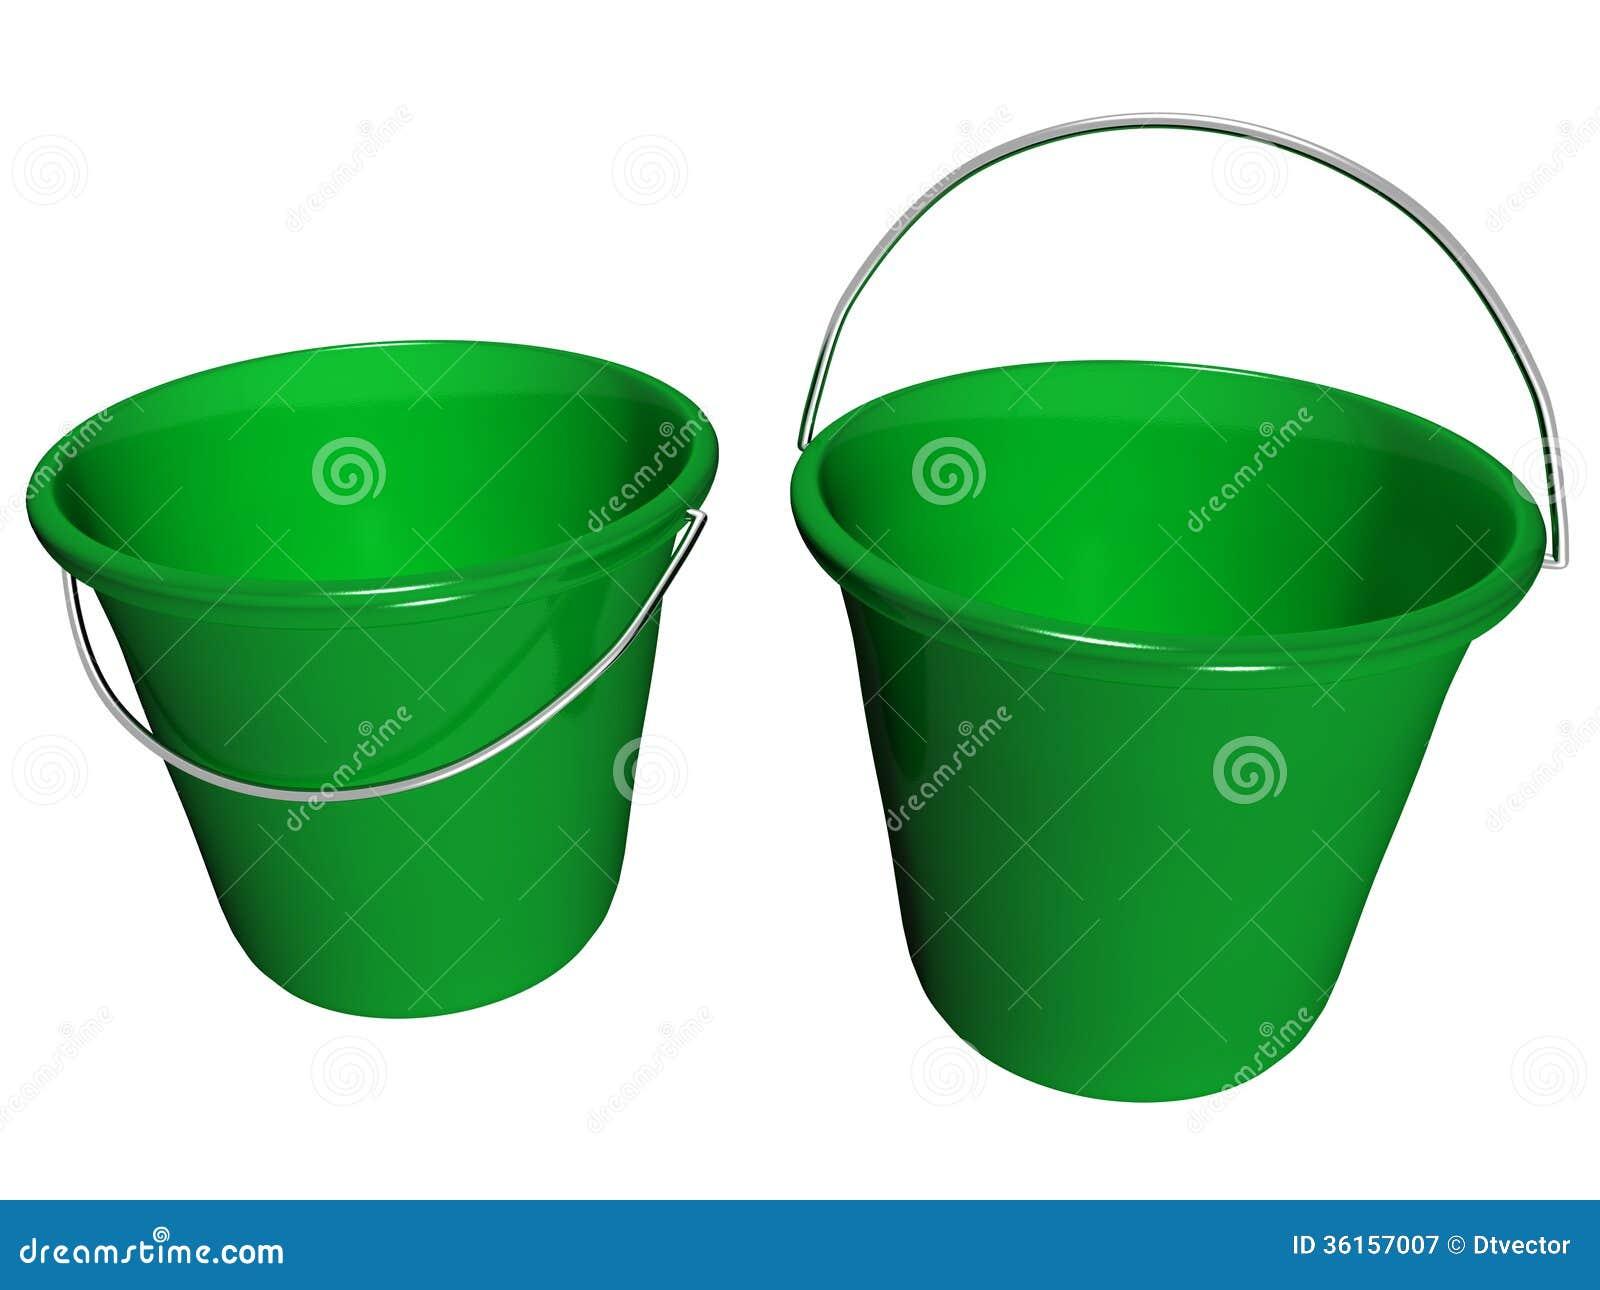 Πράσινο, μπροστινό μισό κάδων μέσα σε View_Raster